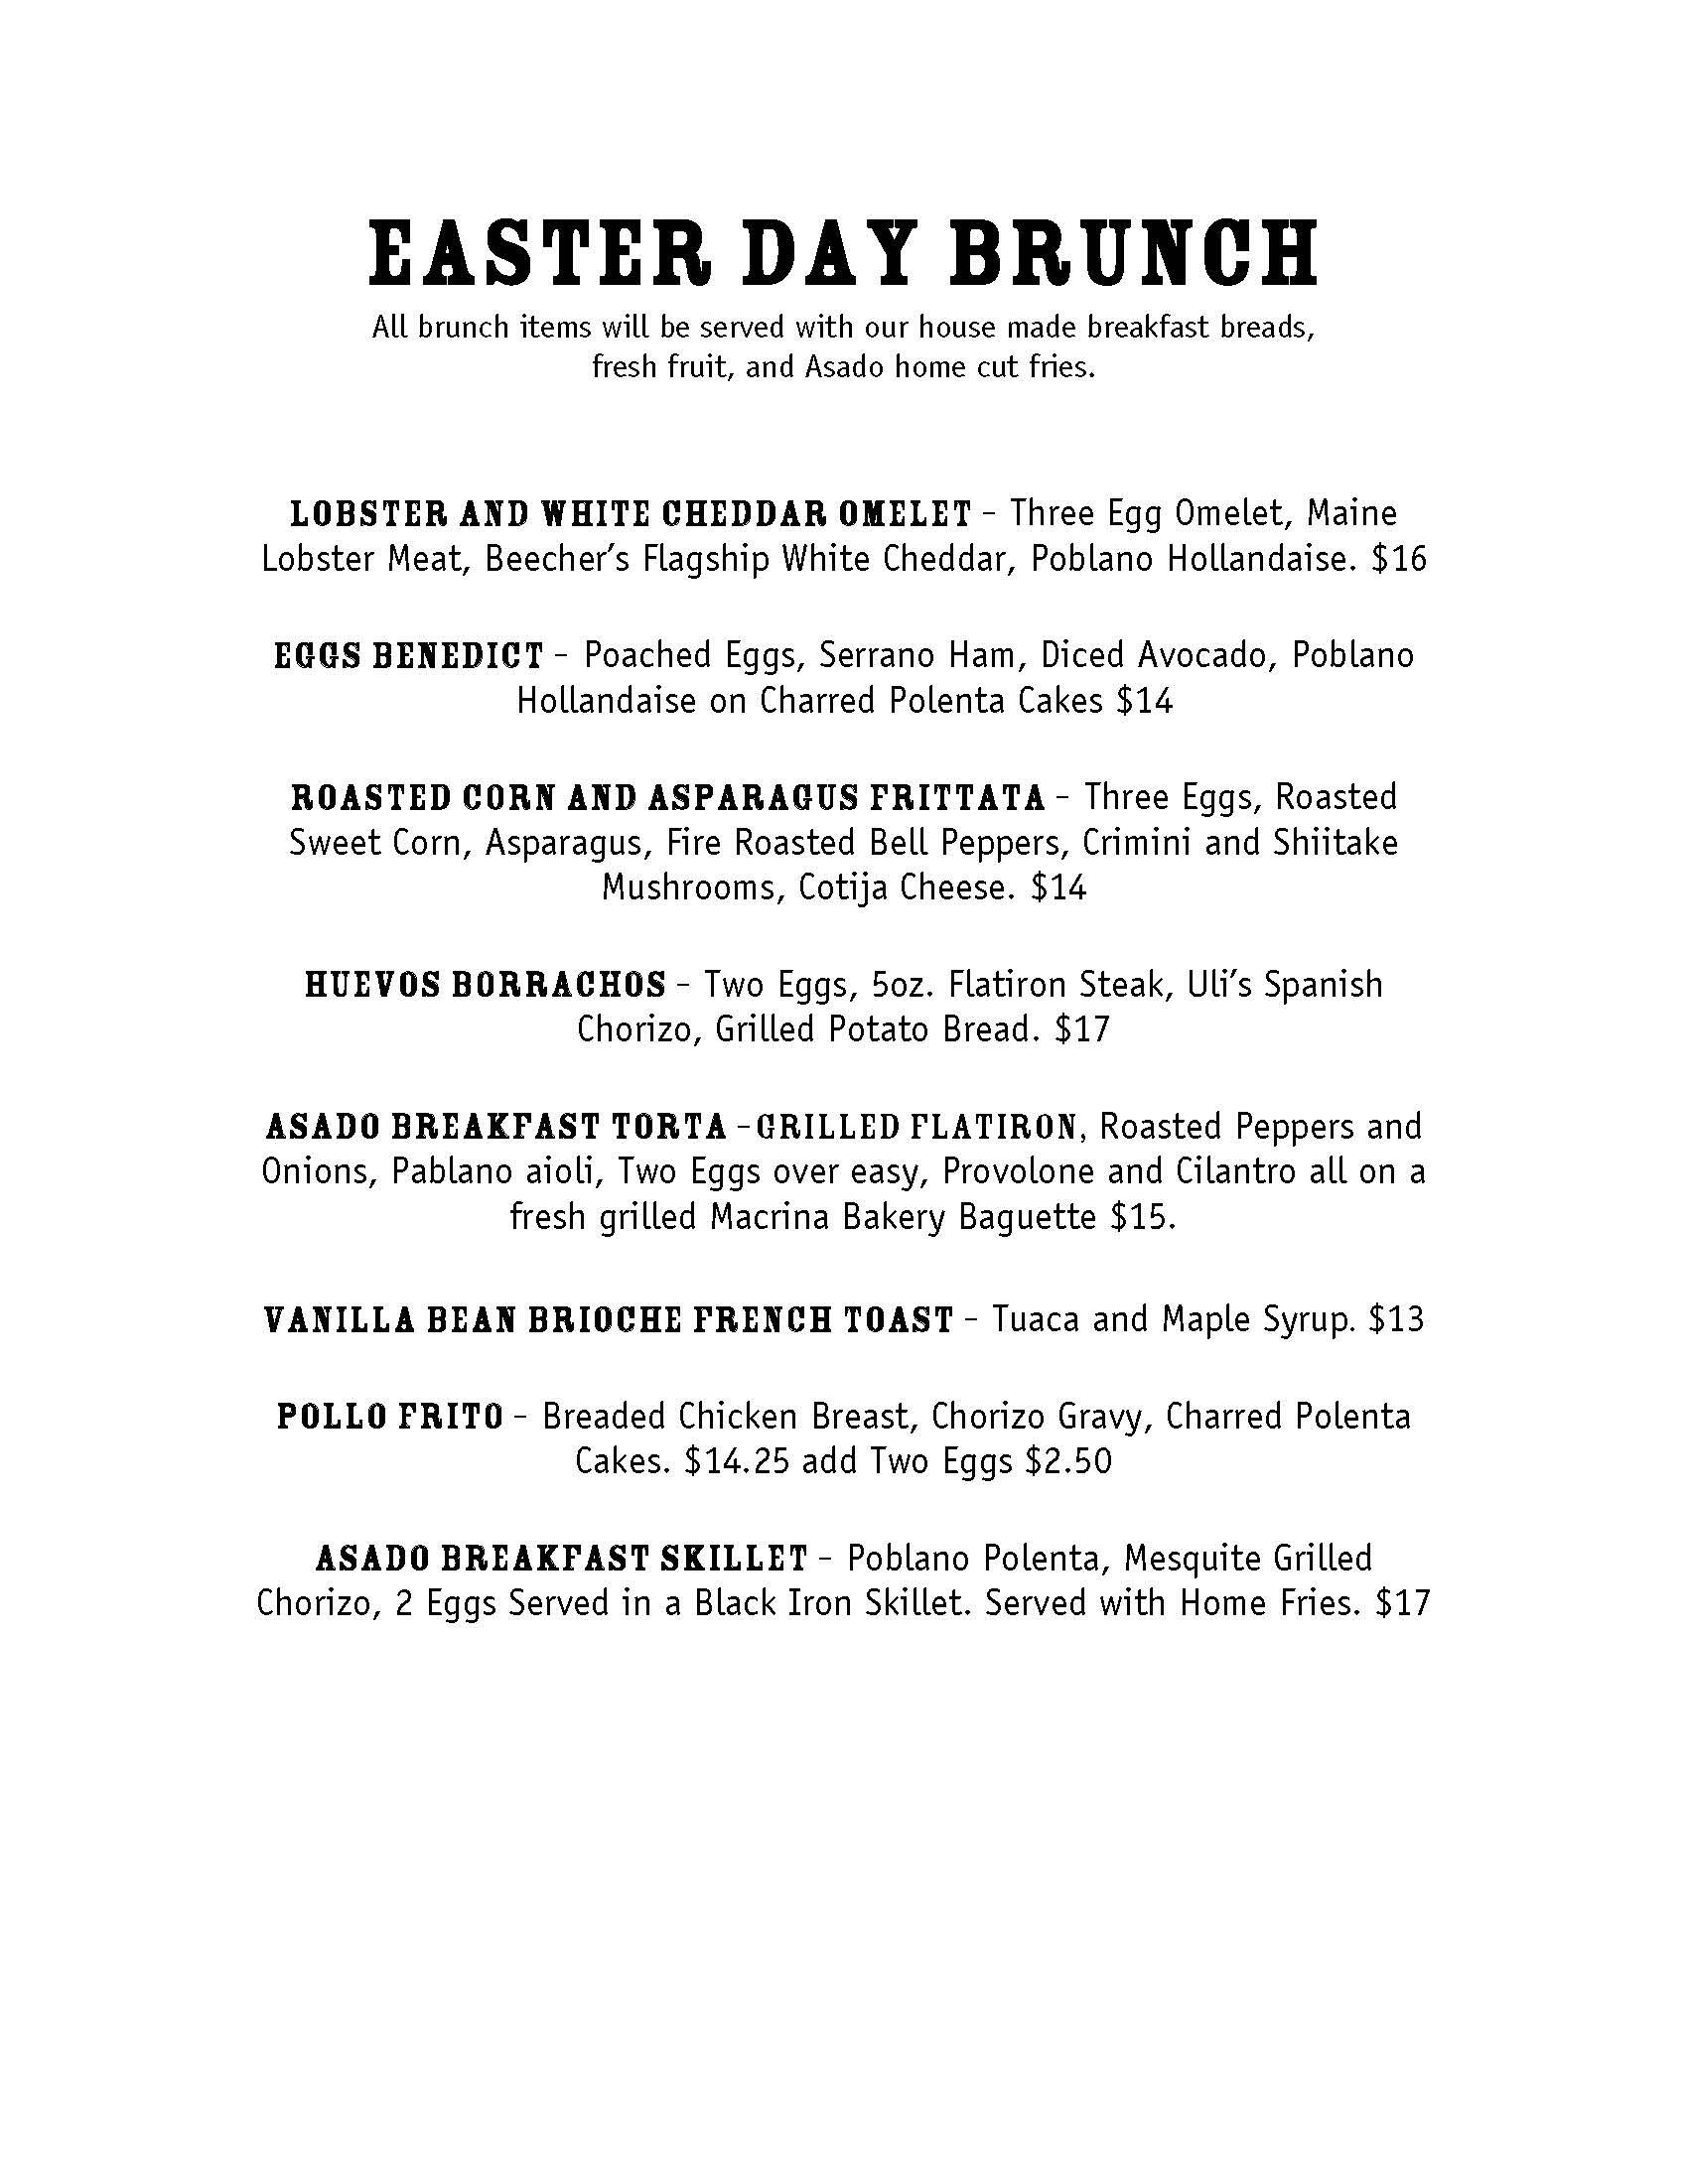 Easter Brunch Menu 2016.jpg